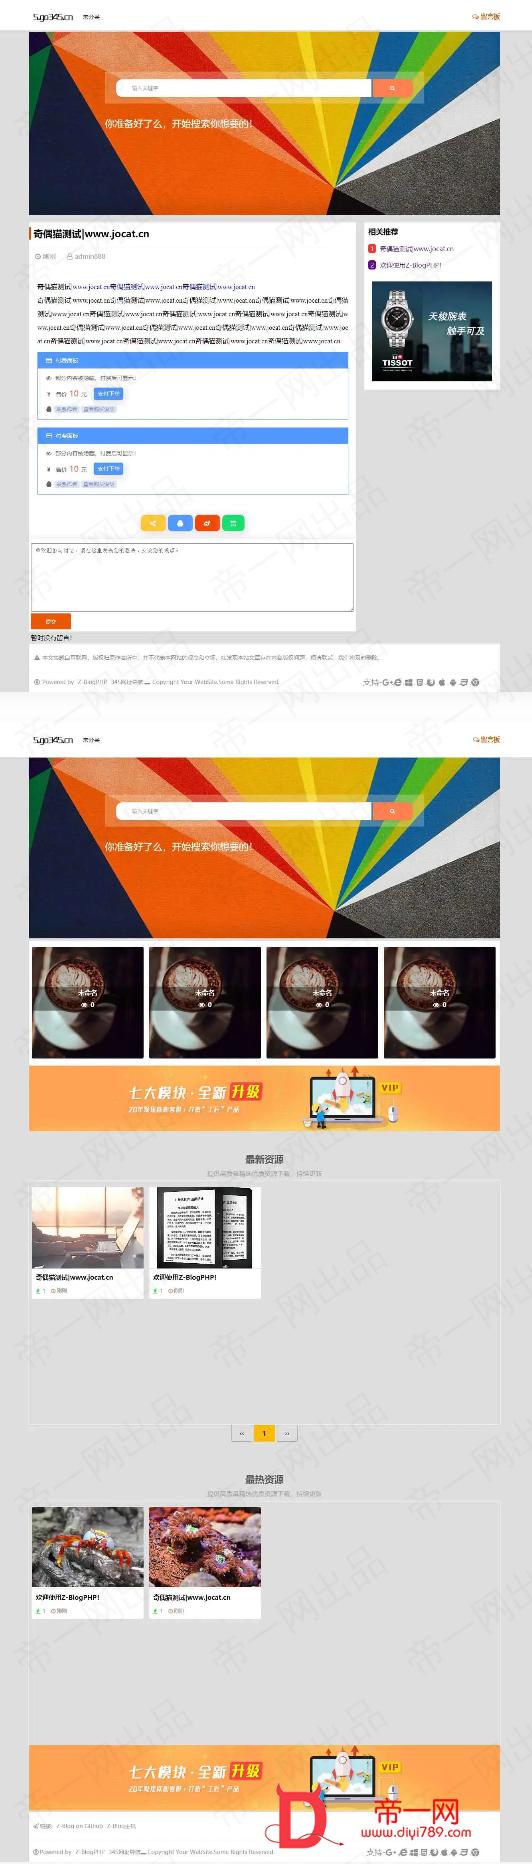 新版Z-Blog程序主题名扬图文博客主题模板商业版 新增赞赏+付费阅读